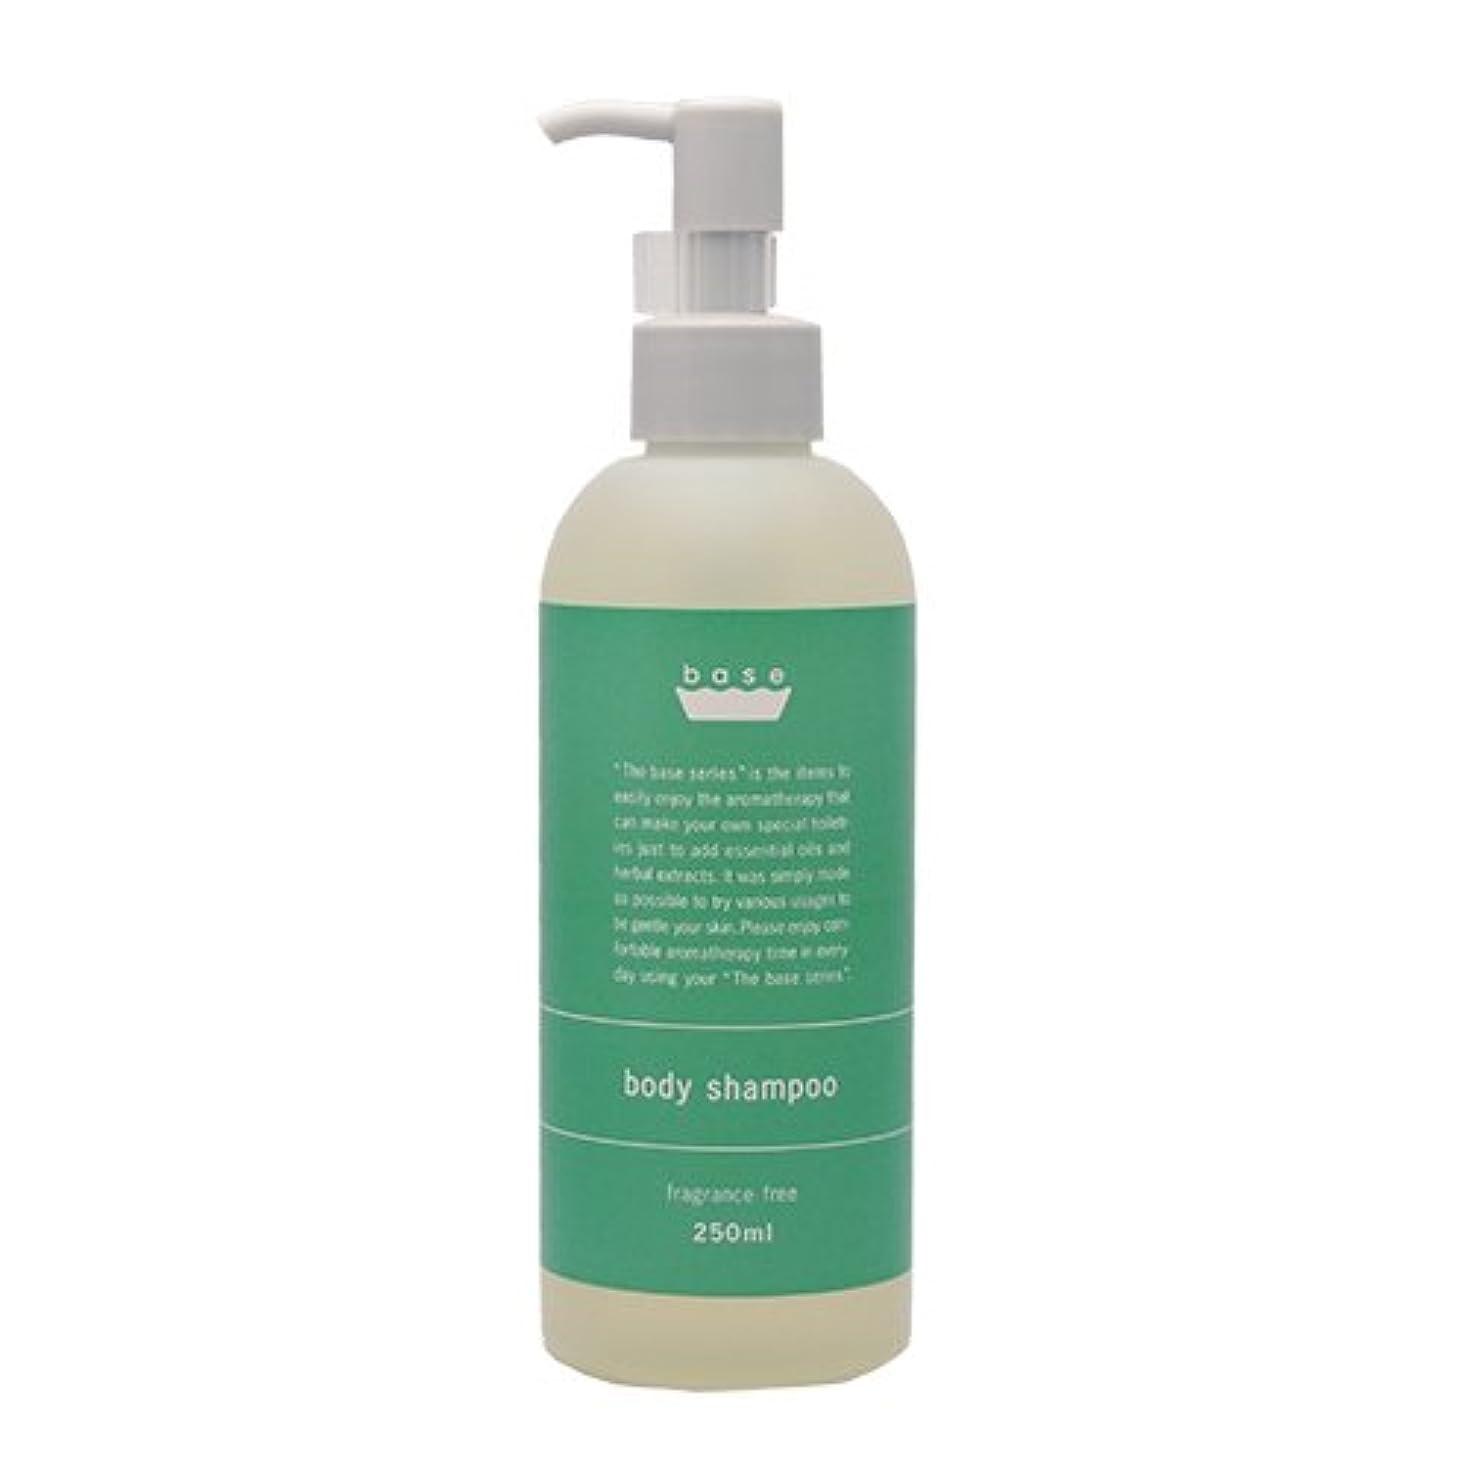 灌漑ご近所イベントフレーバーライフ(Flavor Life) フレーバーライフ base body shampoo(ボディーシャンプー)250ml ボディソープ